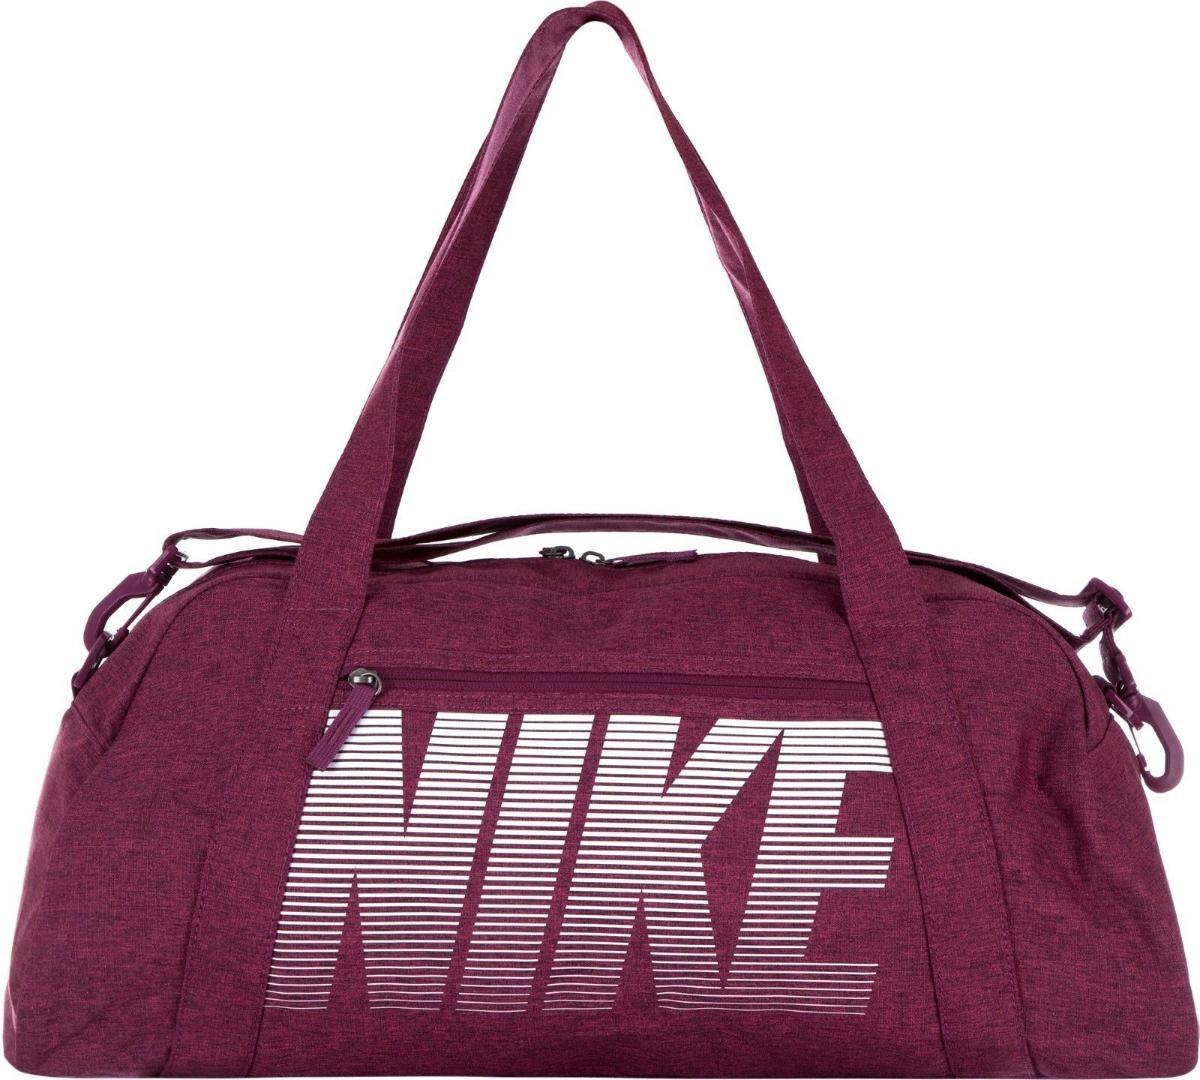 d651ba023 Bolsa Nike Gym Club Feminina Ba5490-633 - R$ 139,00 em Mercado Livre